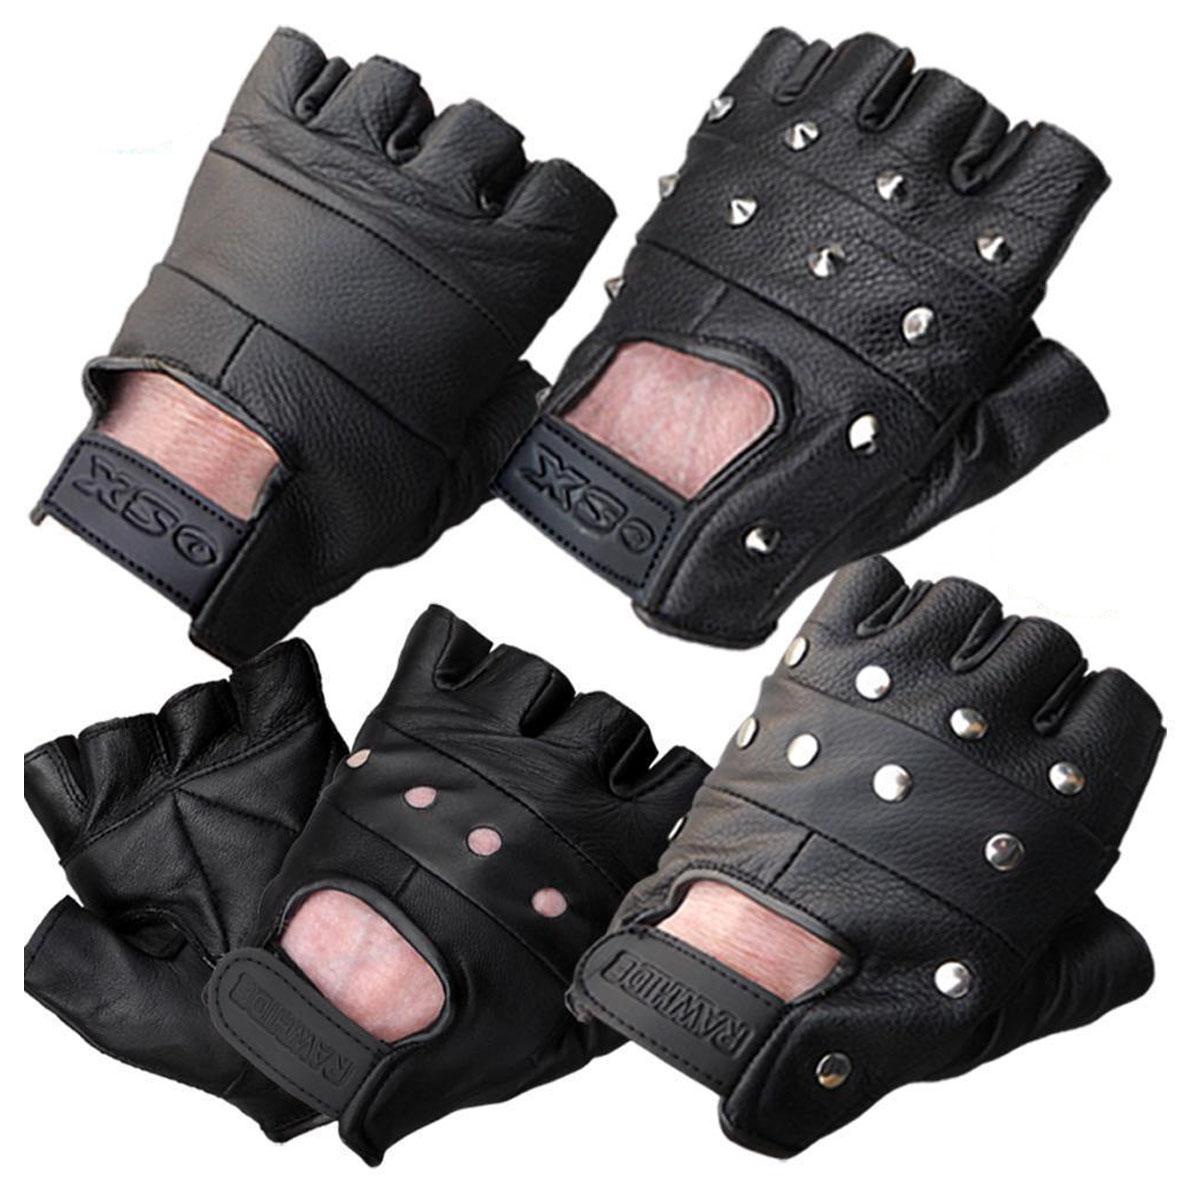 Fingerless driving gloves ebay - Availability In Stock Leather Fingerless Gloves Biker Driving